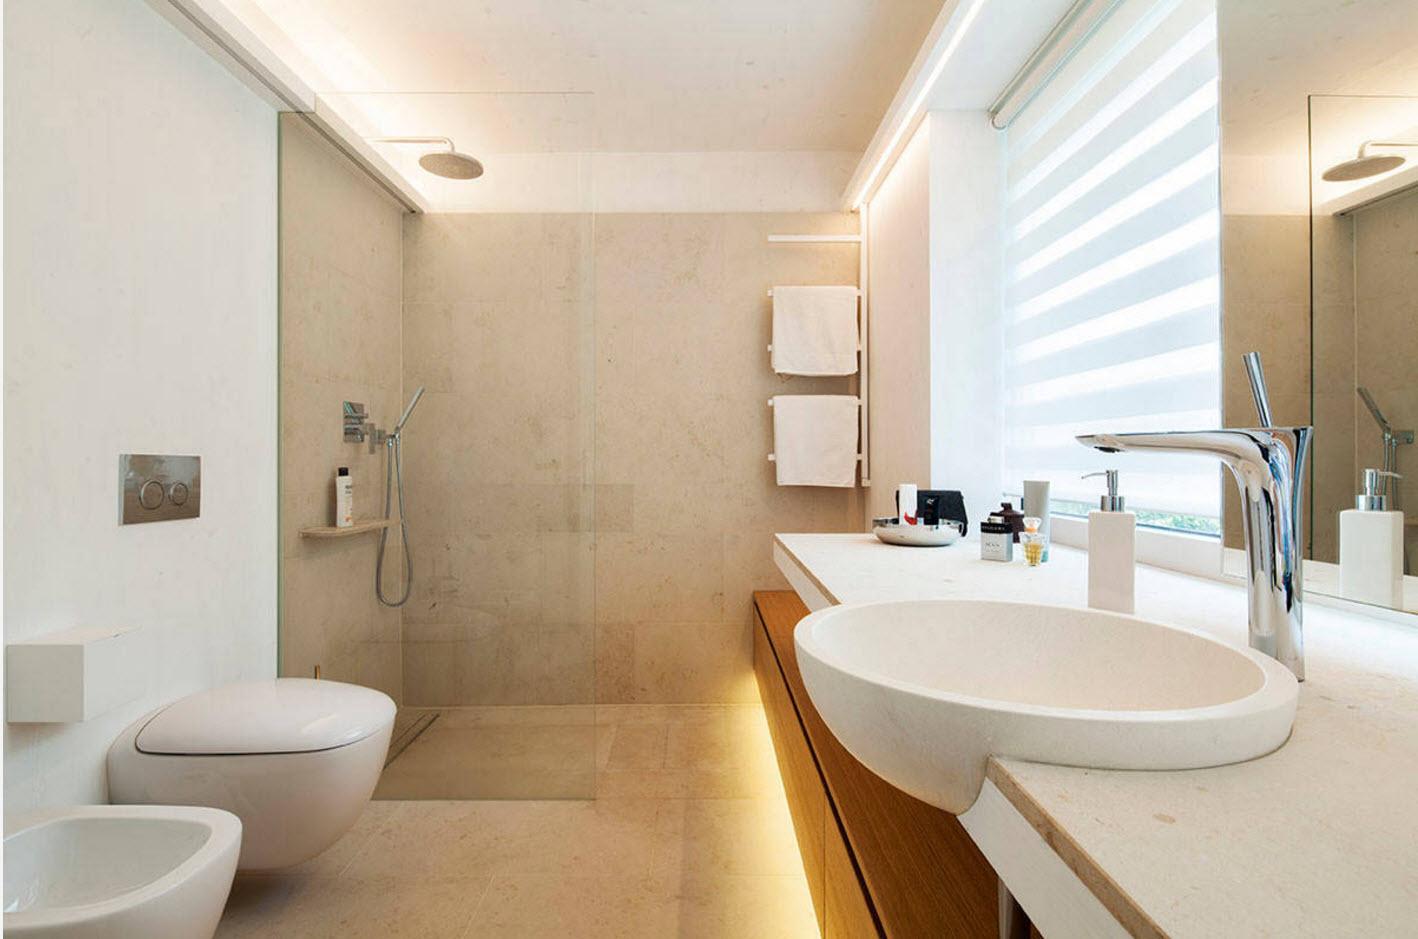 Интерьер ванной комнаты, совмещенной с туалетом (170 фото): планировка и дизайн, идеи для маленькой душевой, санузел площадью 6 кв. м, примеры эргономики